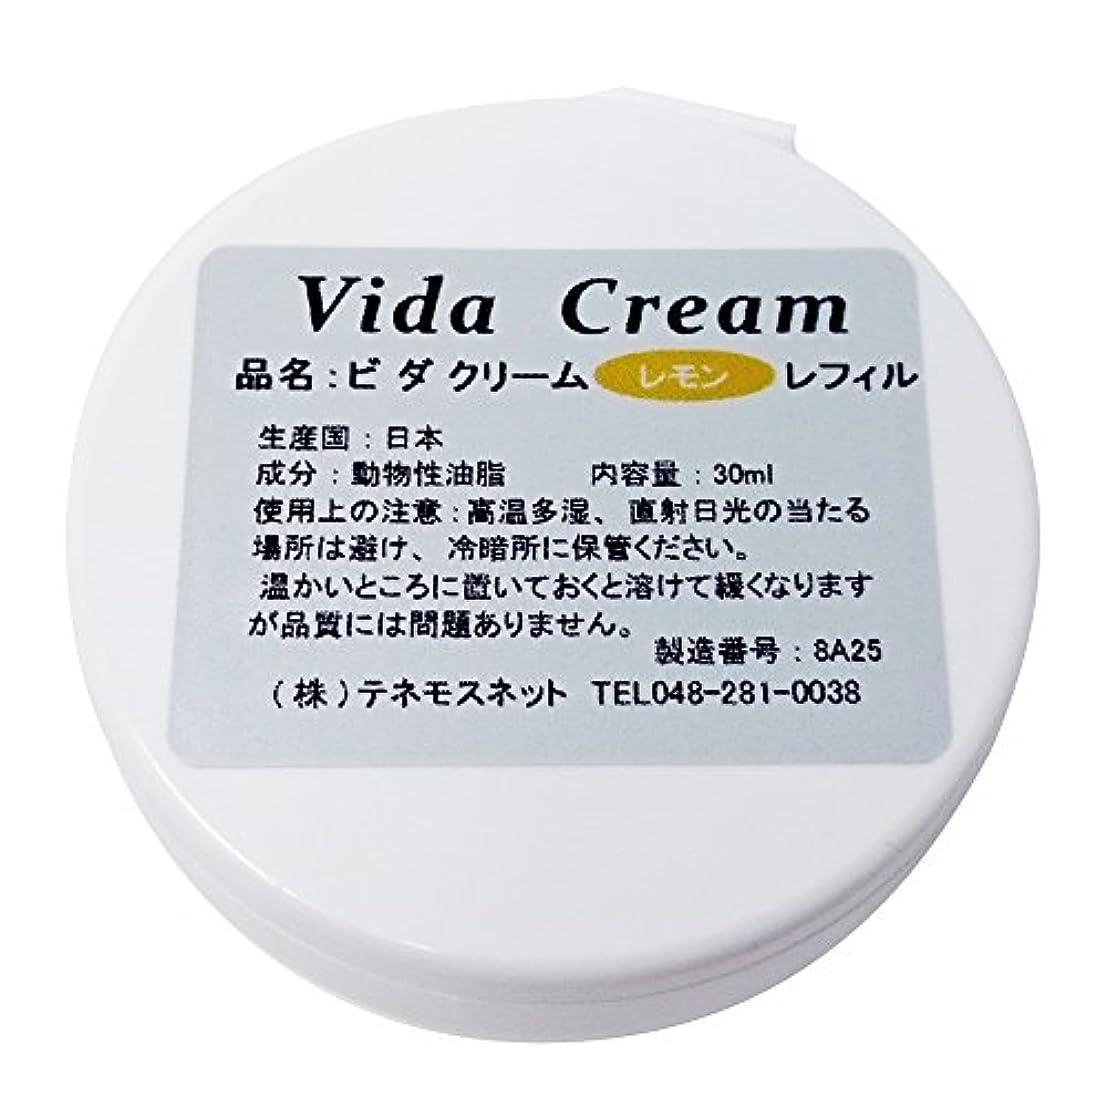 アンティーク儀式間違えたテネモス ビダクリーム Vida Cream ほのかレモン レフィル 付替用 30ml